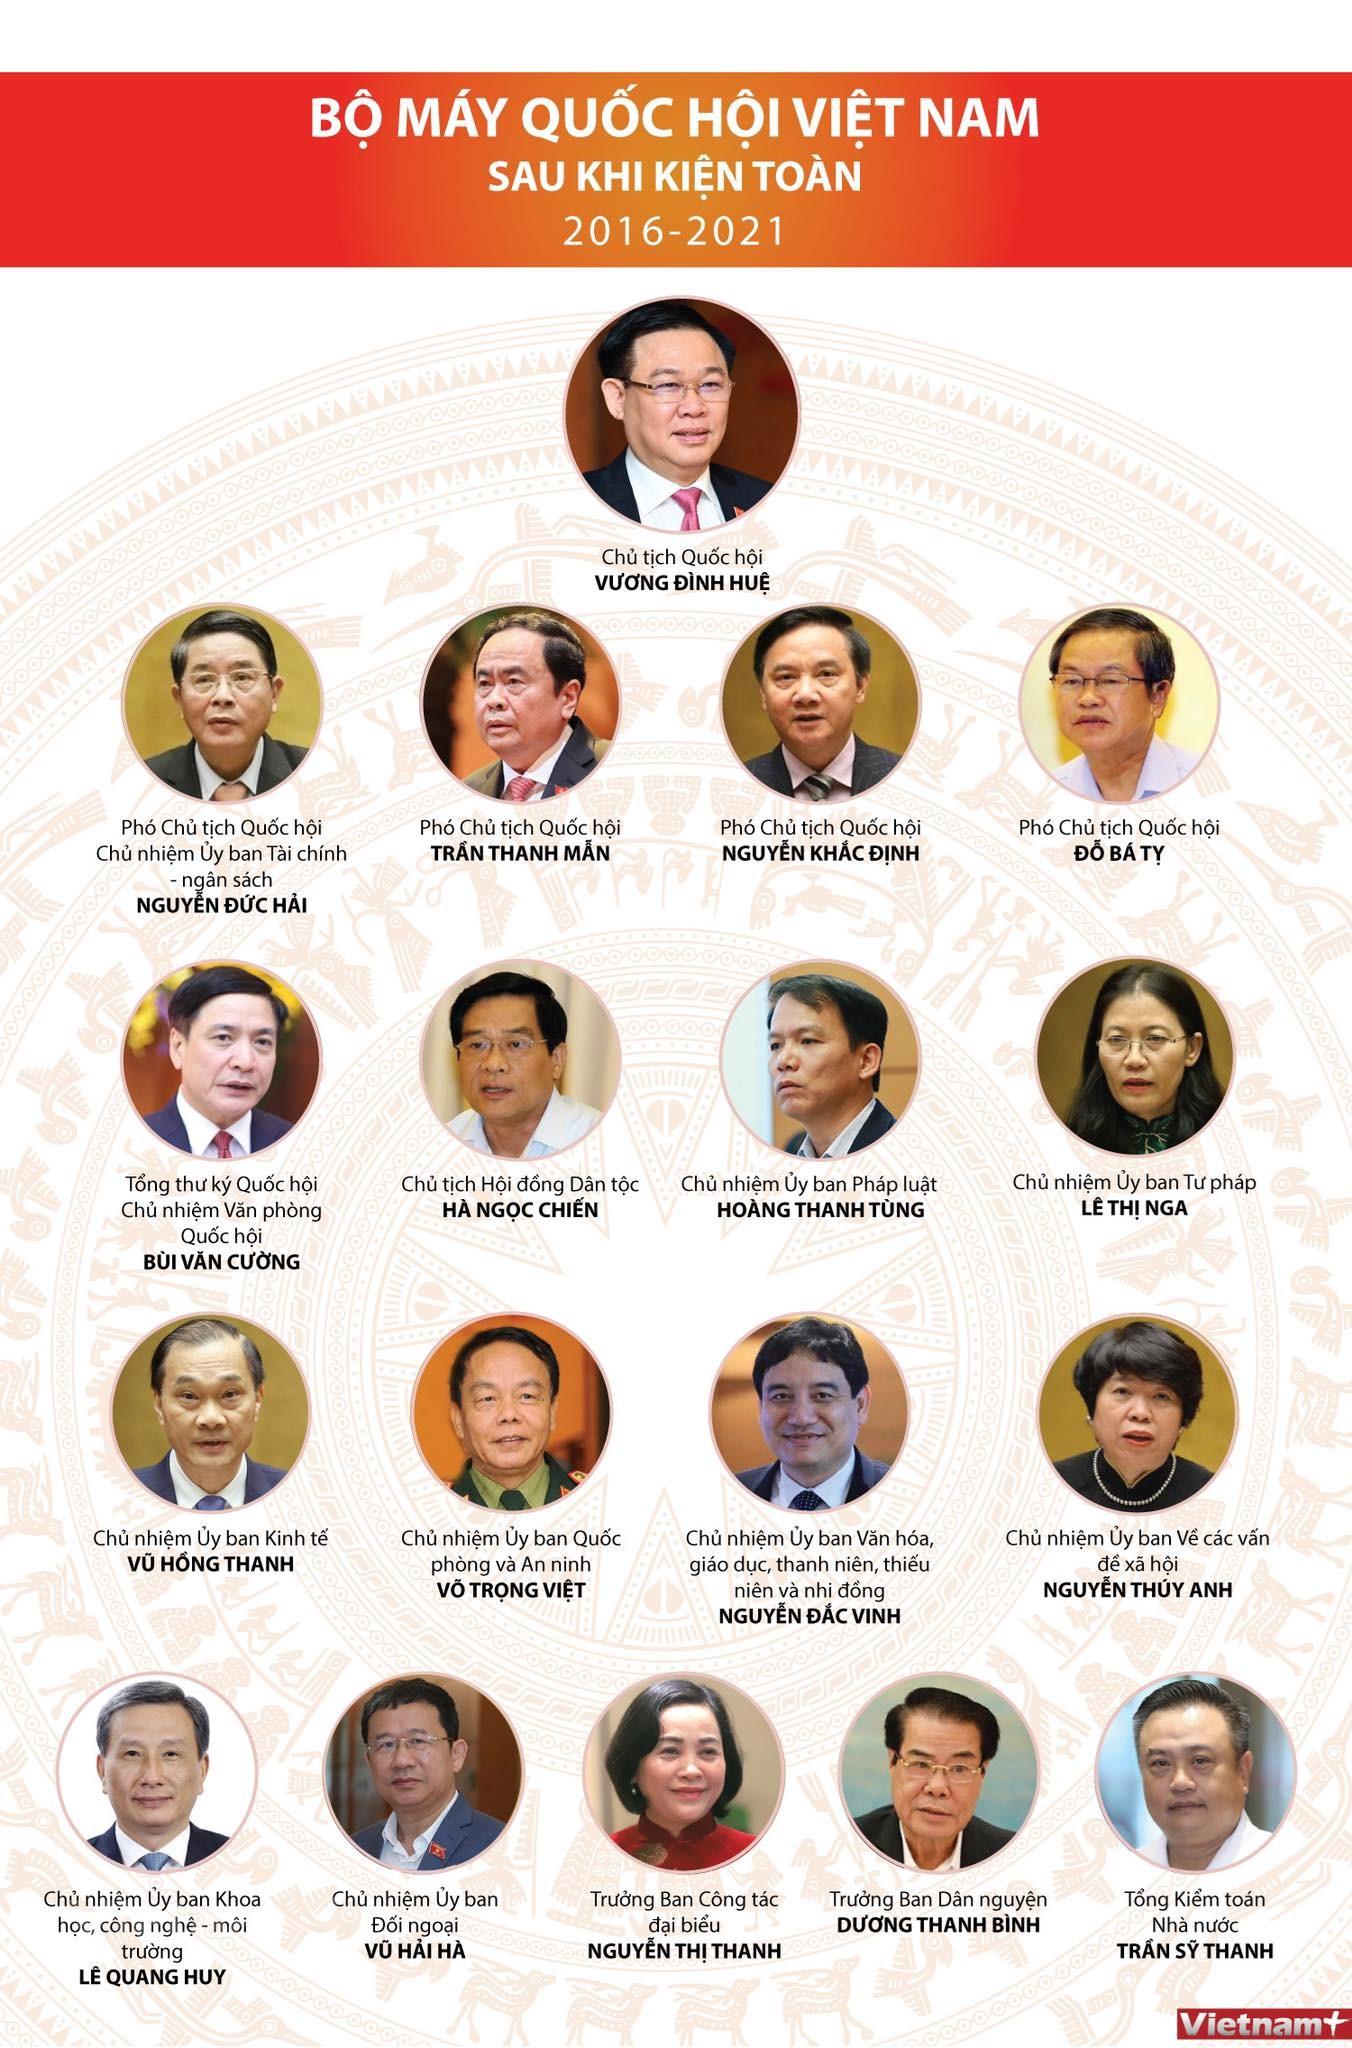 Bộ máy Quốc hội Việt Nam sau khi kiện toàn - Ảnh 1.